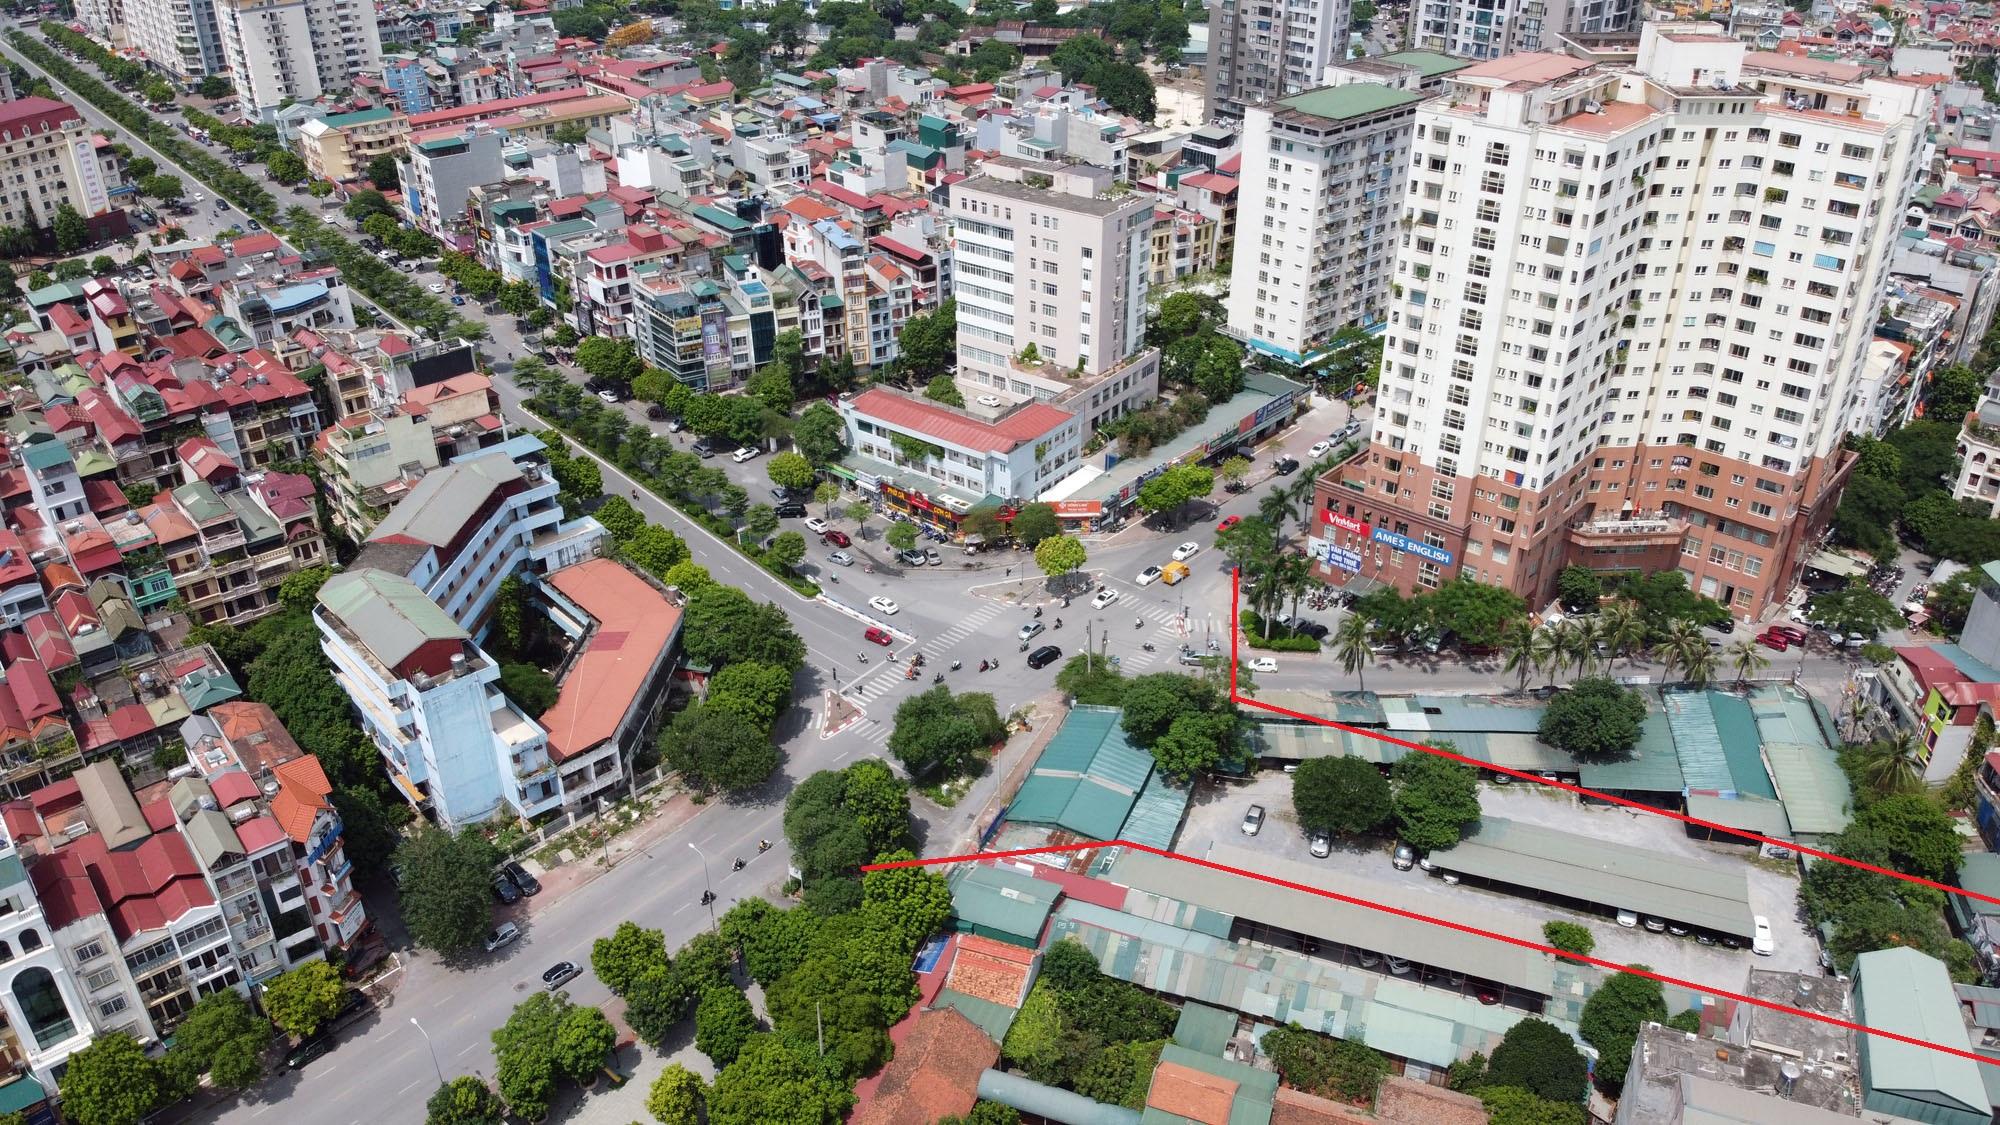 đường sẽ mở theo qui hoạch ở phường Trung Hòa, Cầu Giấy, Hà Nội - Ảnh 3.